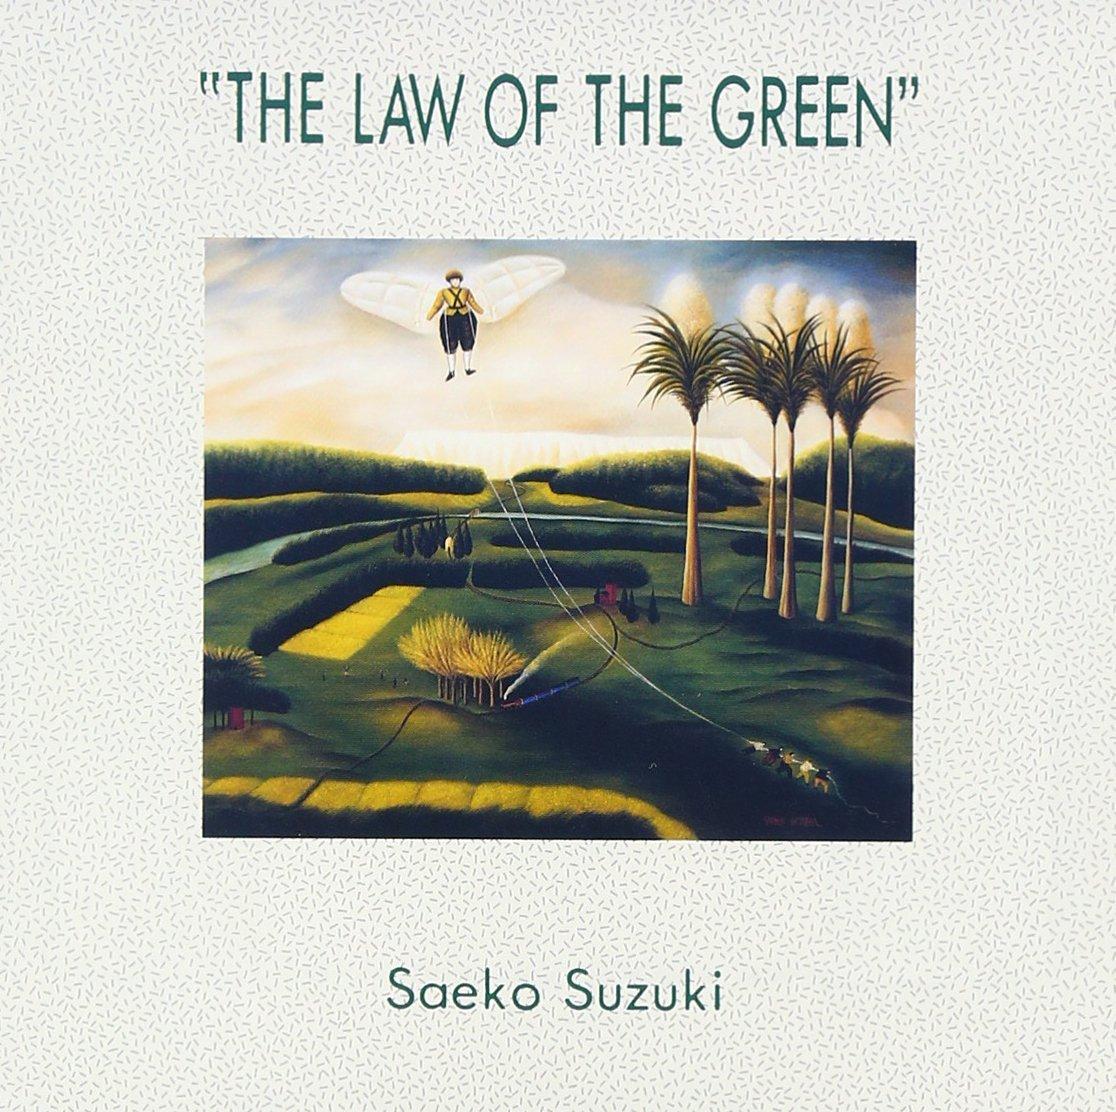 緑の法則 / 鈴木さえ子のジャケット